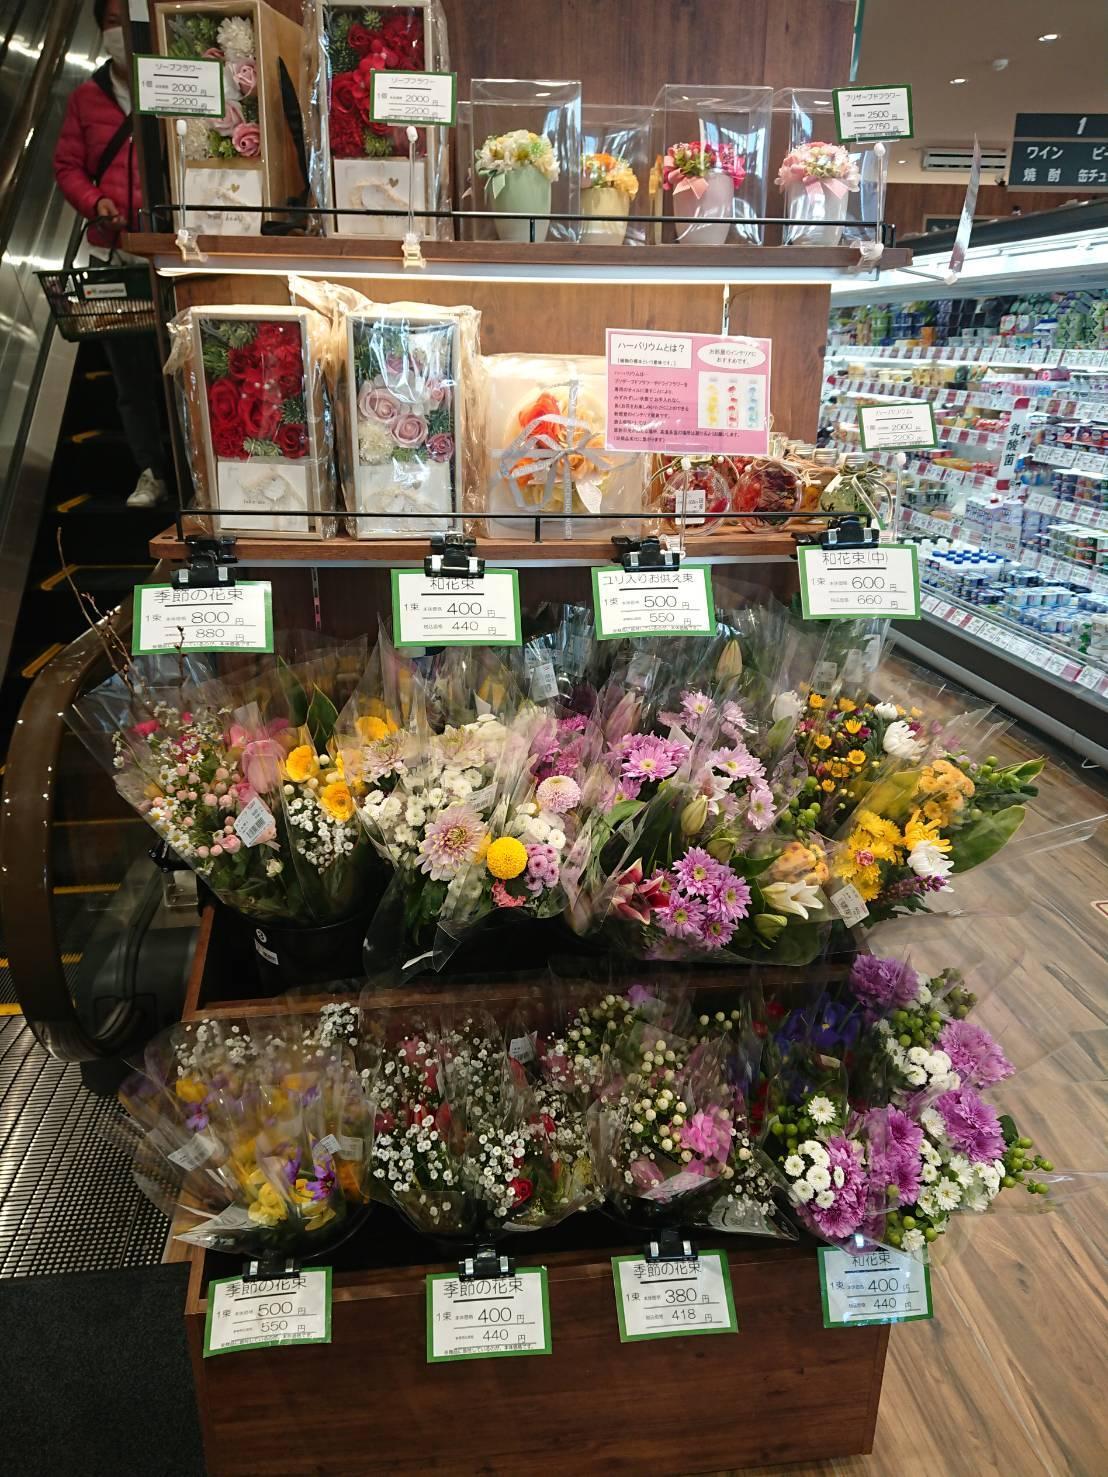 【未経験者歓迎!】スーパーでお花の陳列・管理のお仕事♪